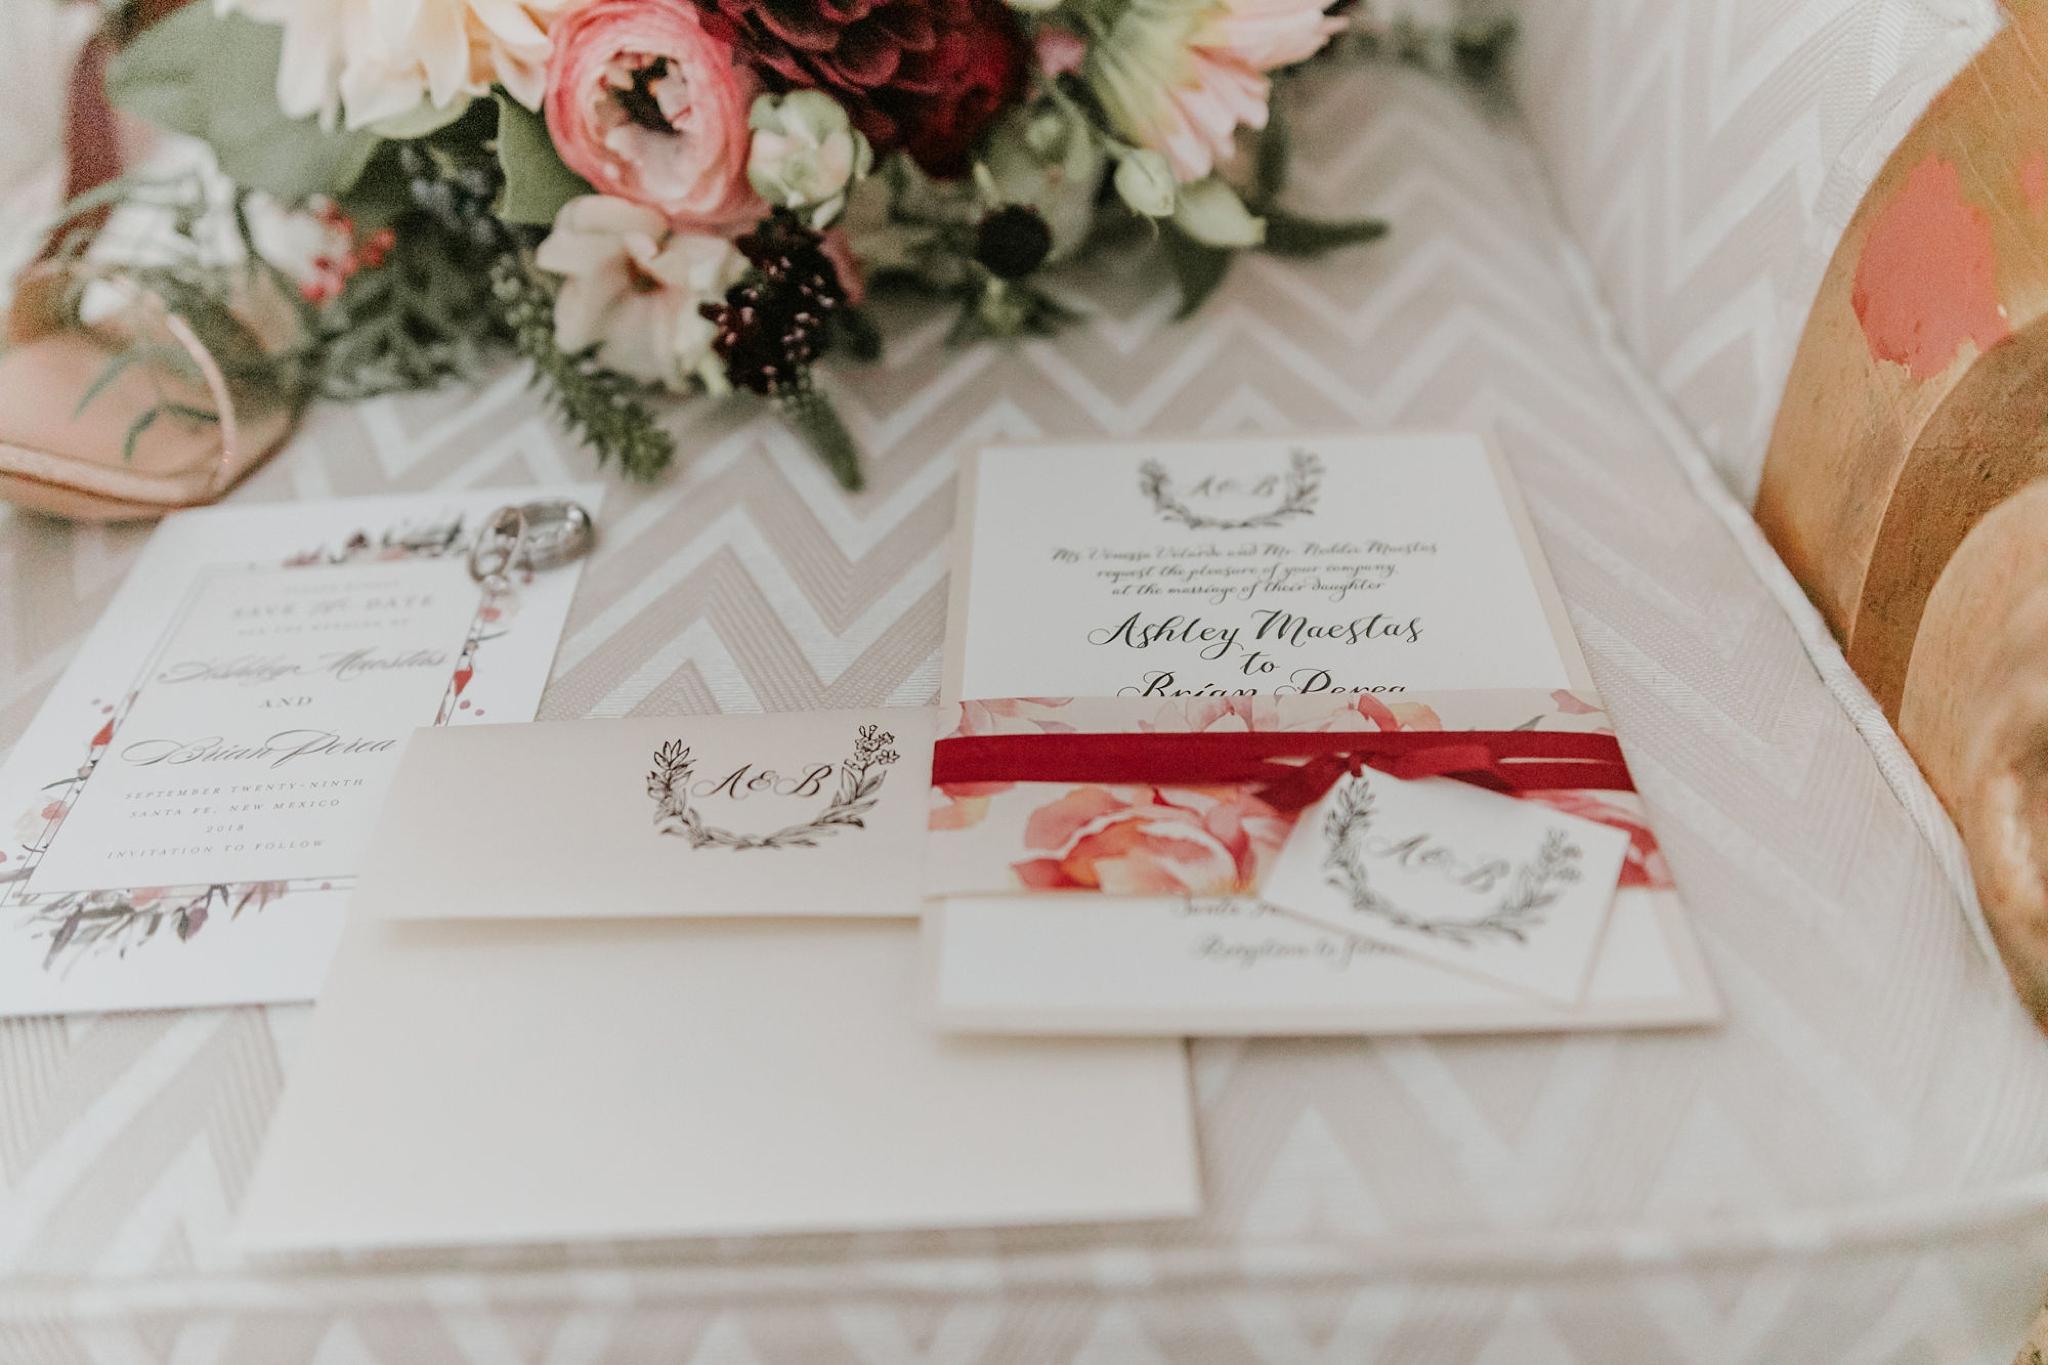 Alicia+lucia+photography+-+albuquerque+wedding+photographer+-+santa+fe+wedding+photography+-+new+mexico+wedding+photographer+-+new+mexico+wedding+-+wedding+invitations+-+invitation+suite+-+wedding+inspo_0054.jpg